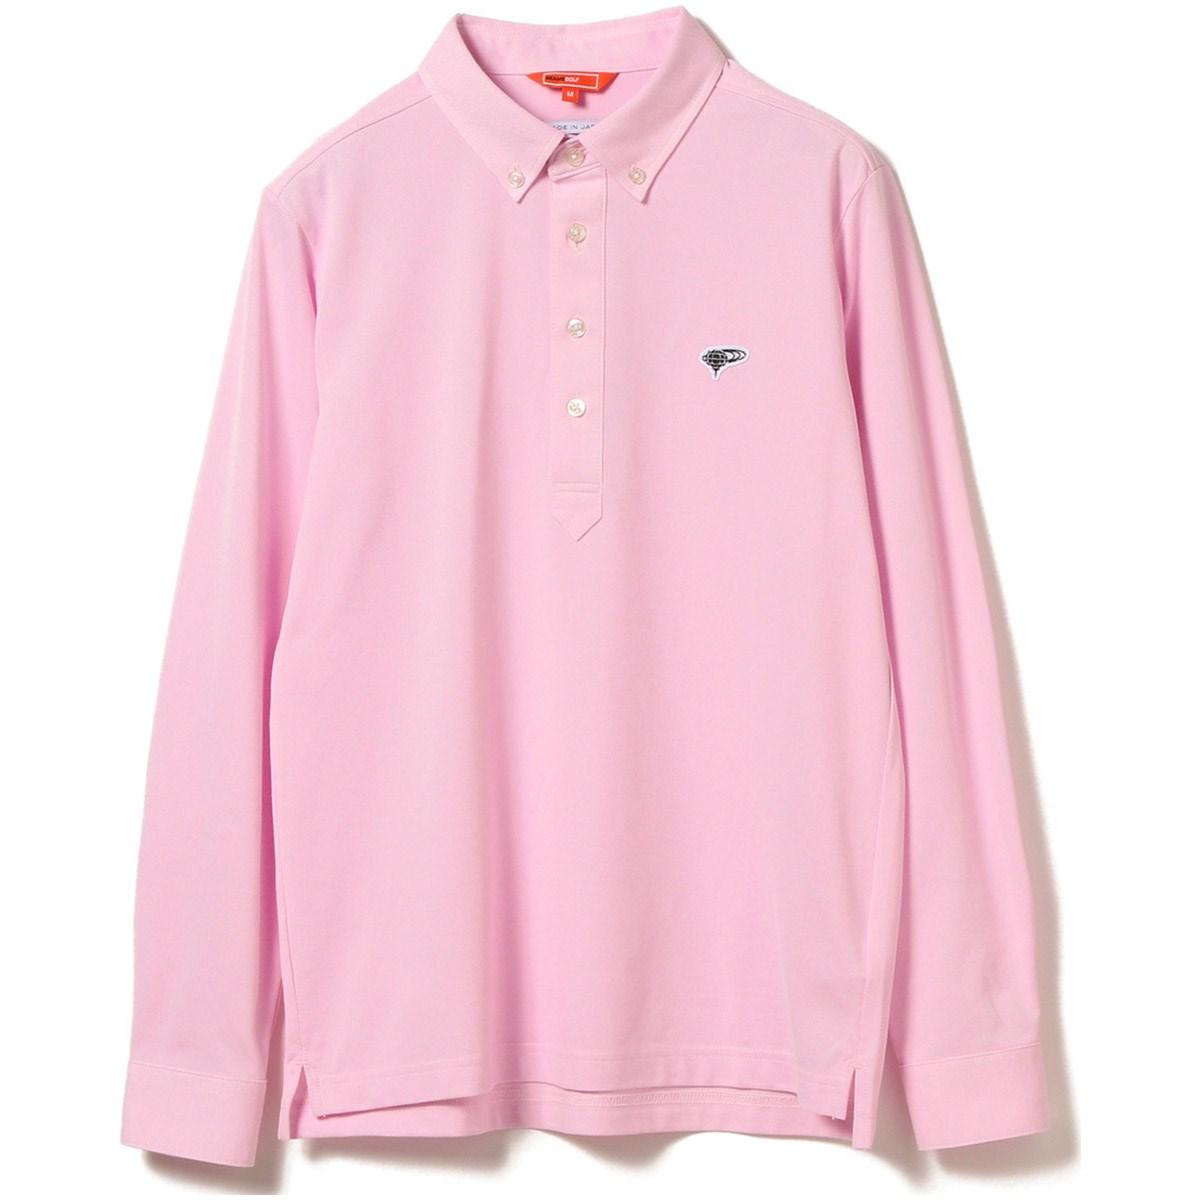 ビームスゴルフ BEAMS GOLF ORANGE LABEL クールマックス プルオーバー ロングスリーブ ボタンダウン ポロシャツ